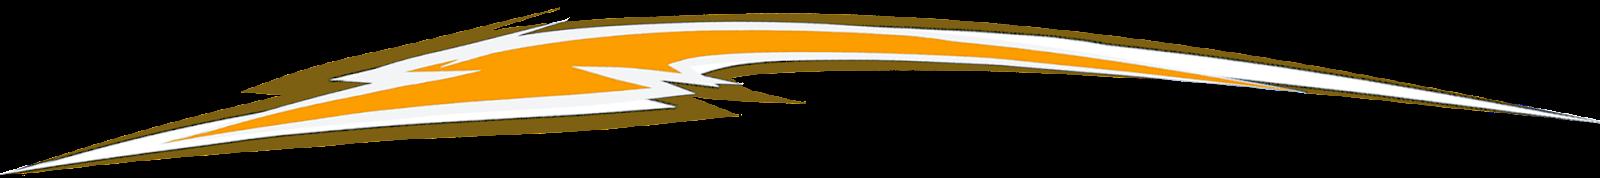 Slash-1 orange.png